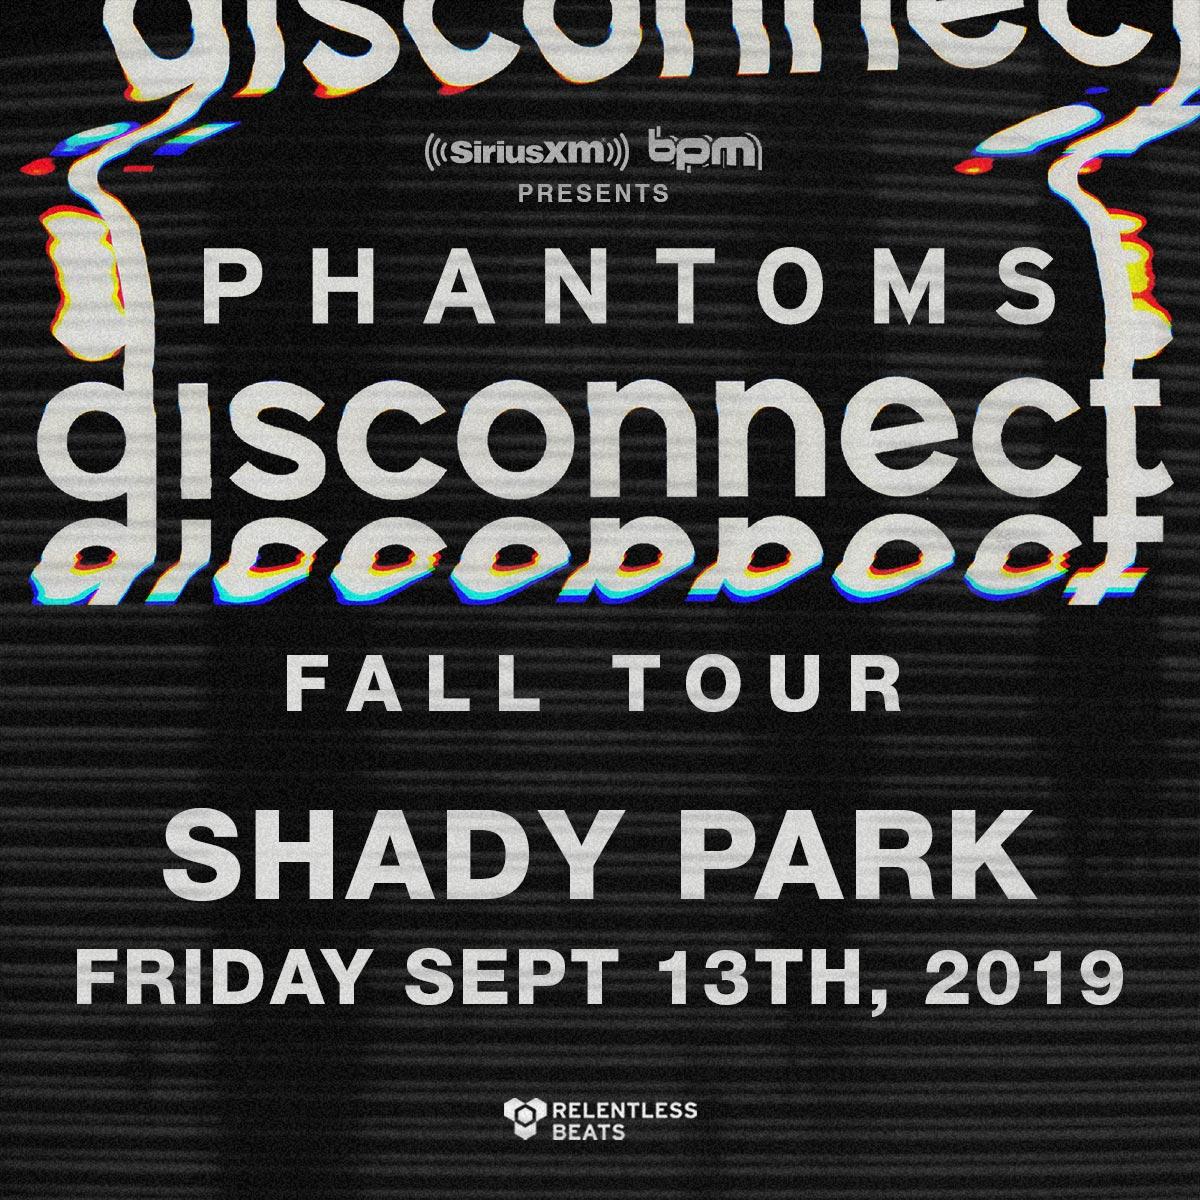 Flyer for Phantoms